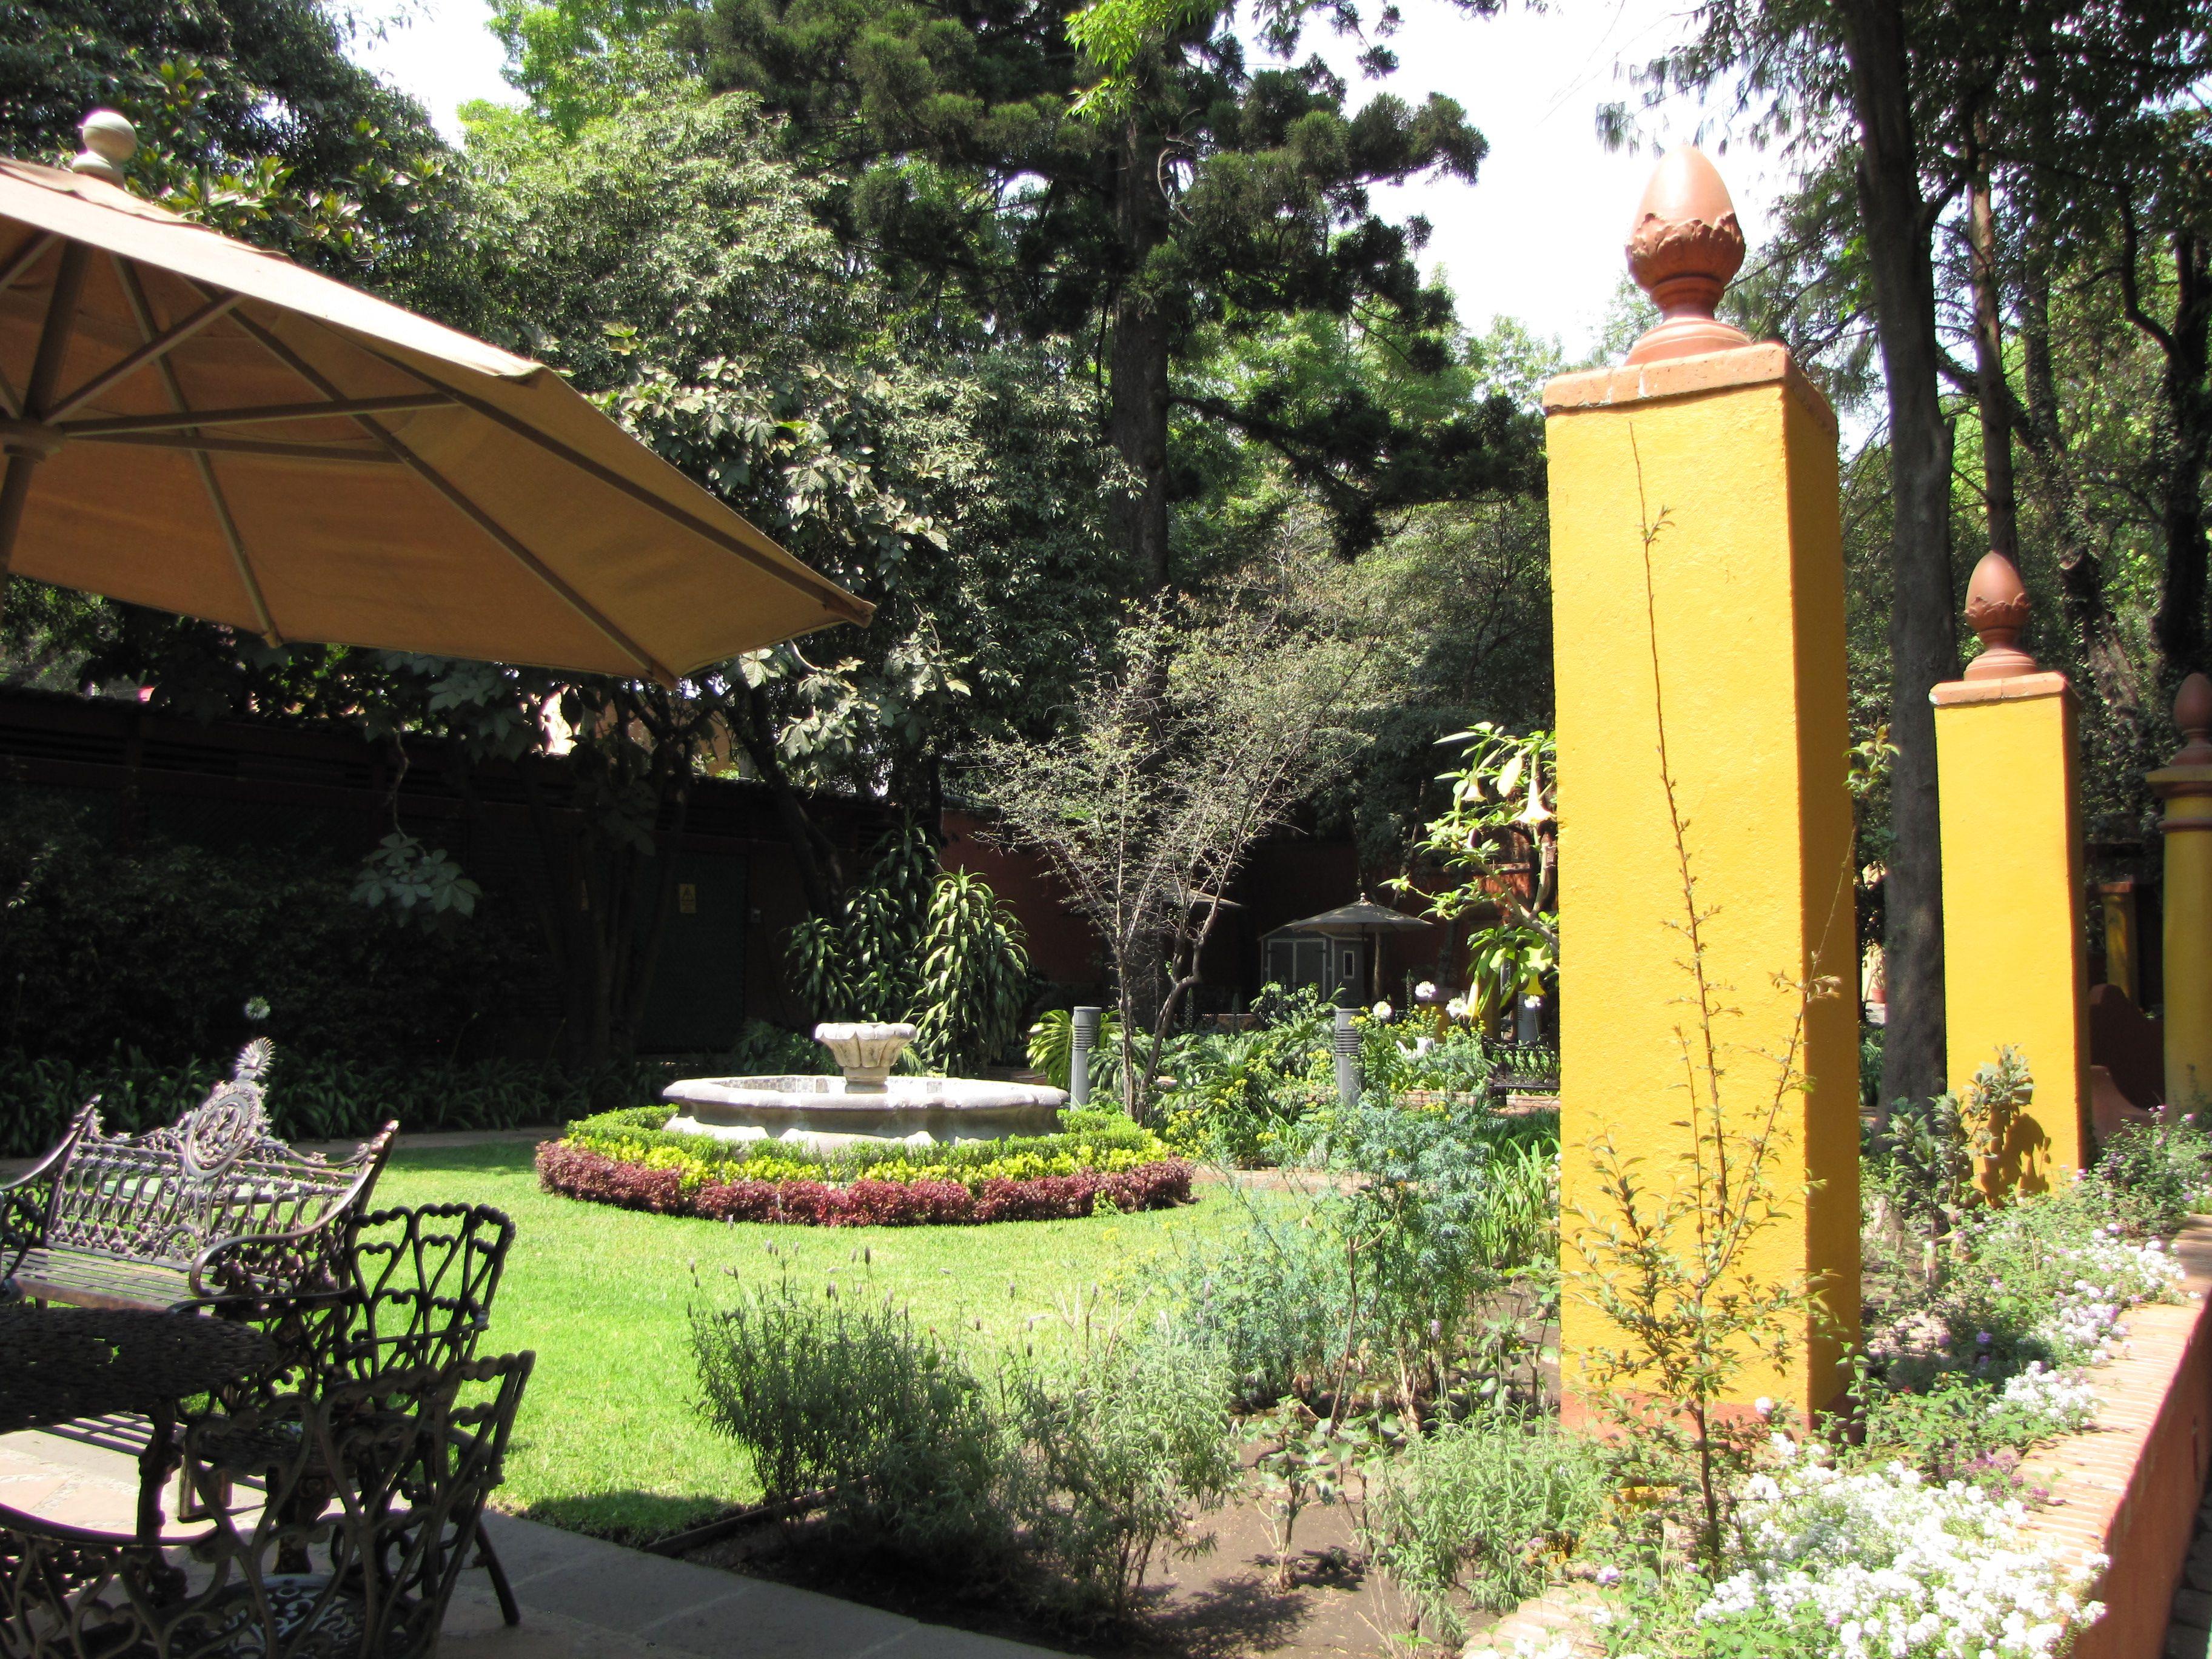 Fuente dentro del jardín.